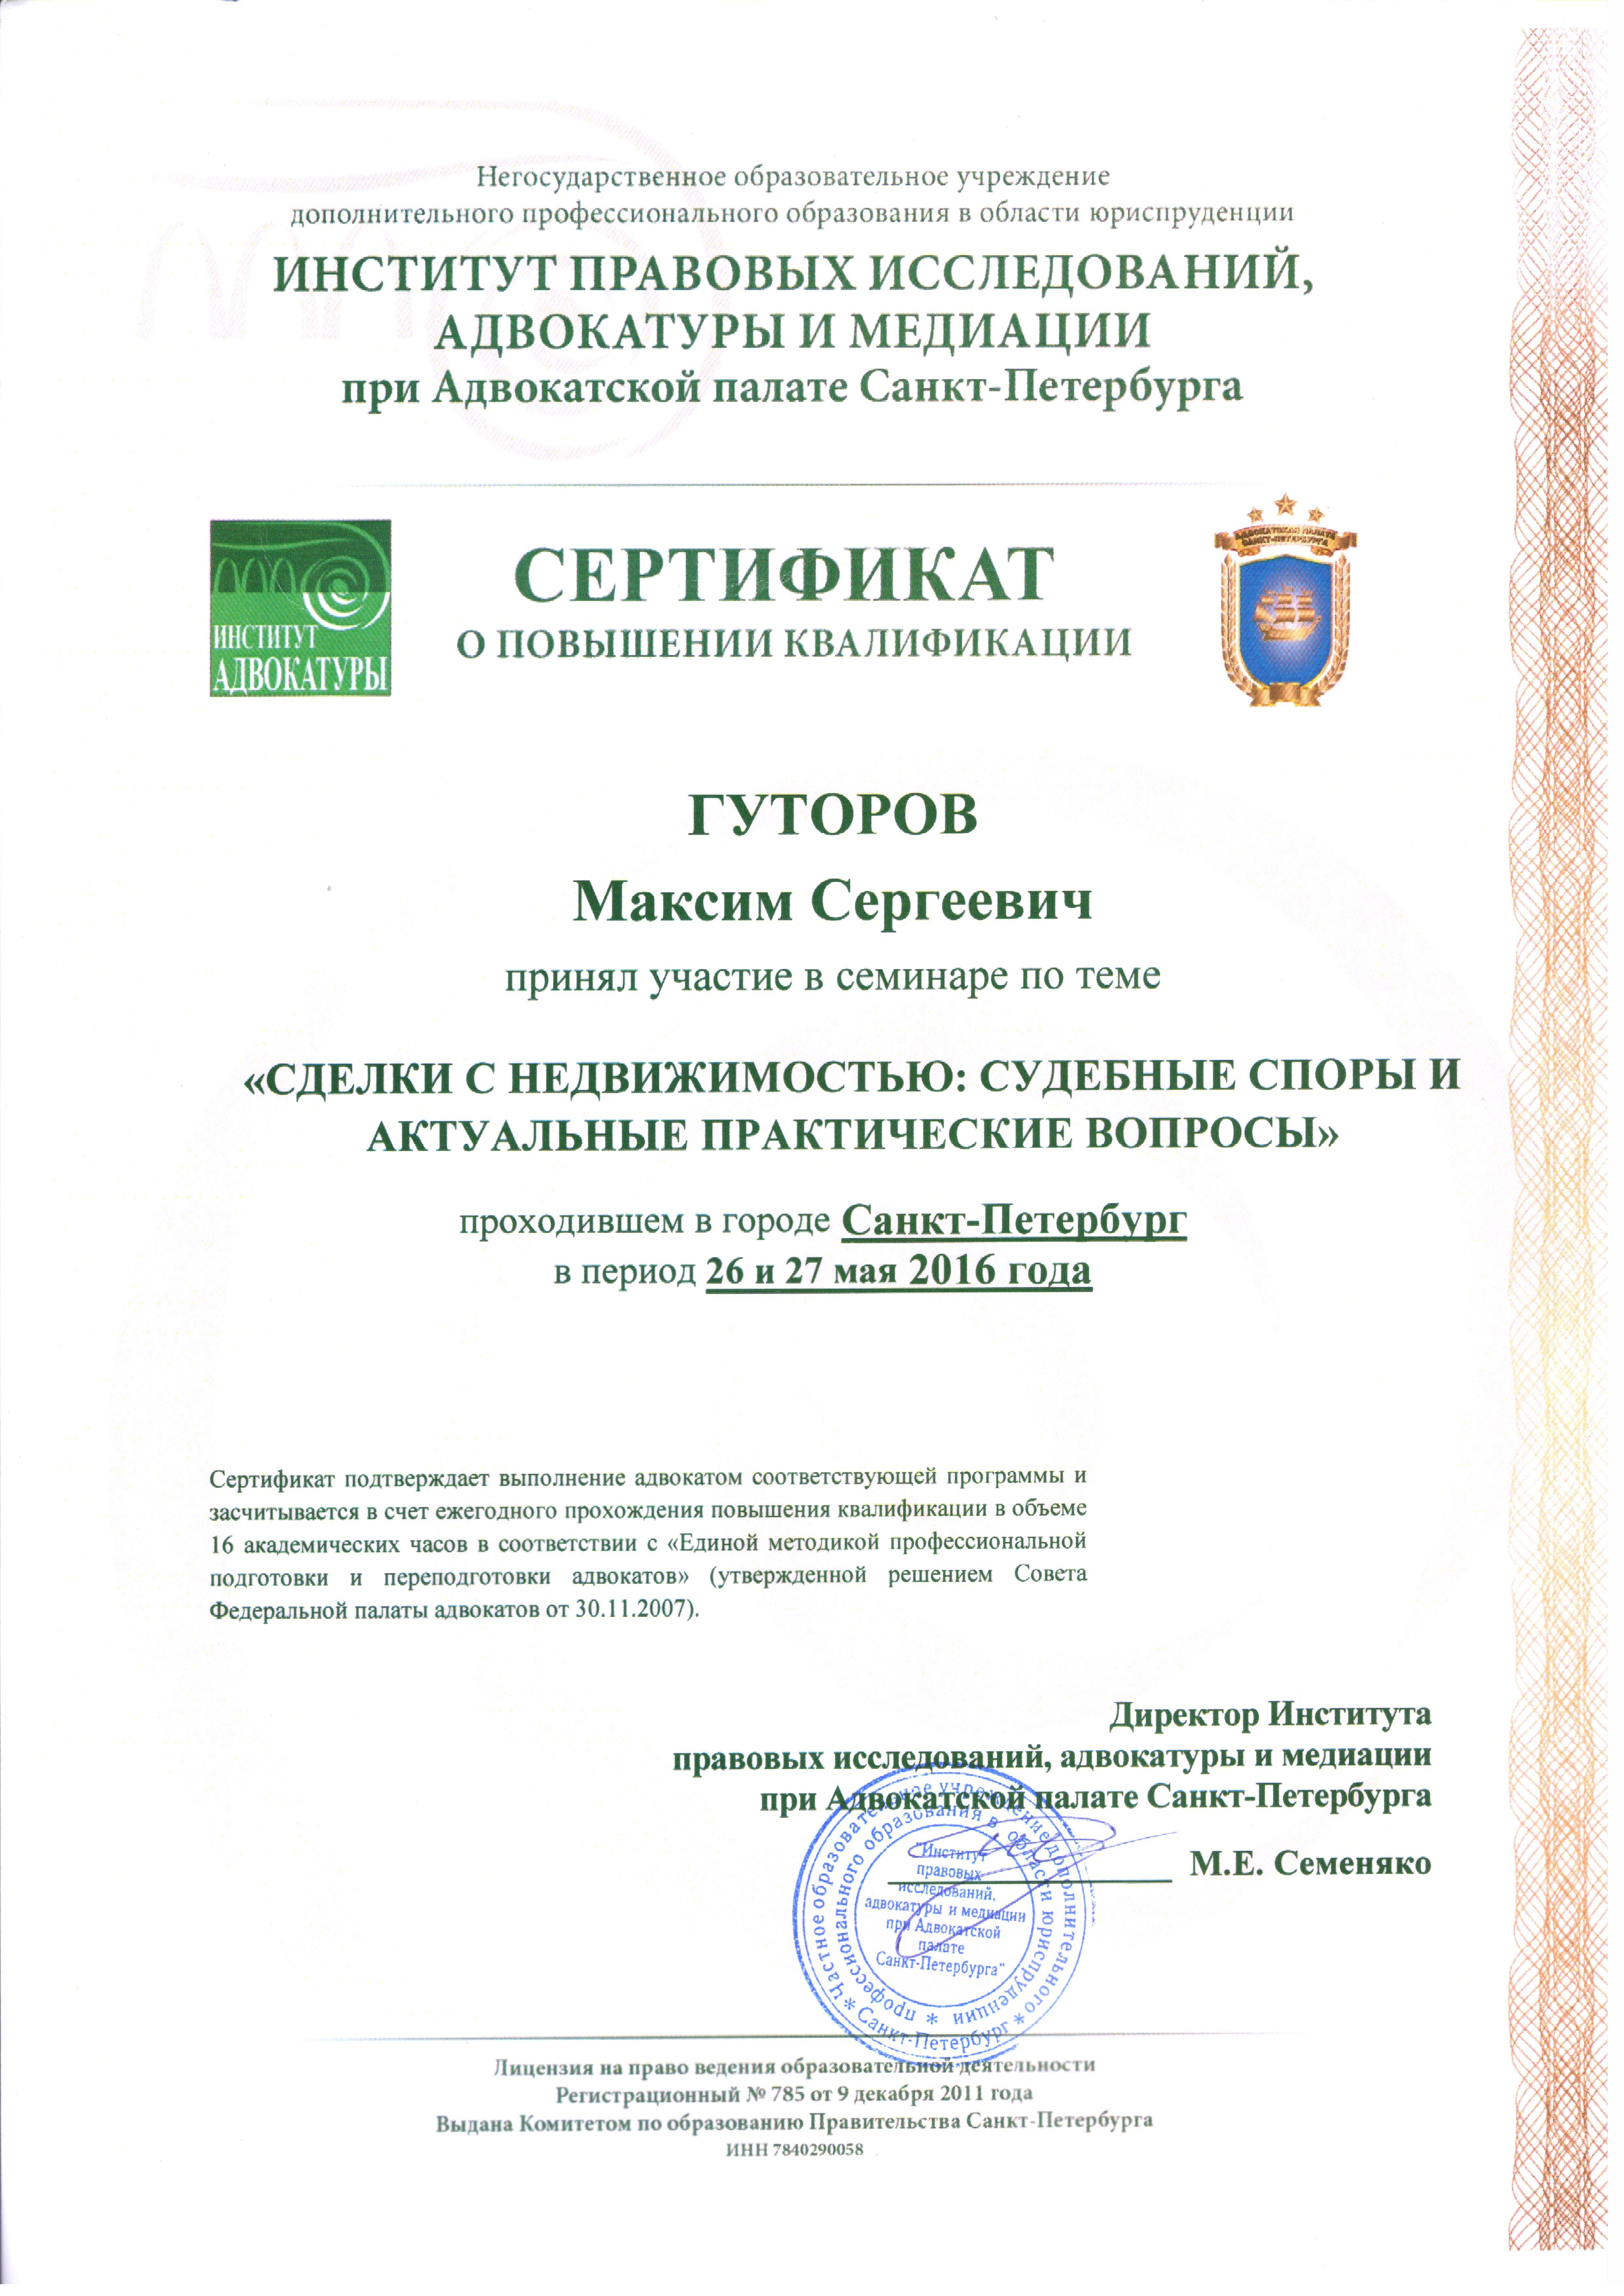 Адвокат Гуторов М.С. - 0003